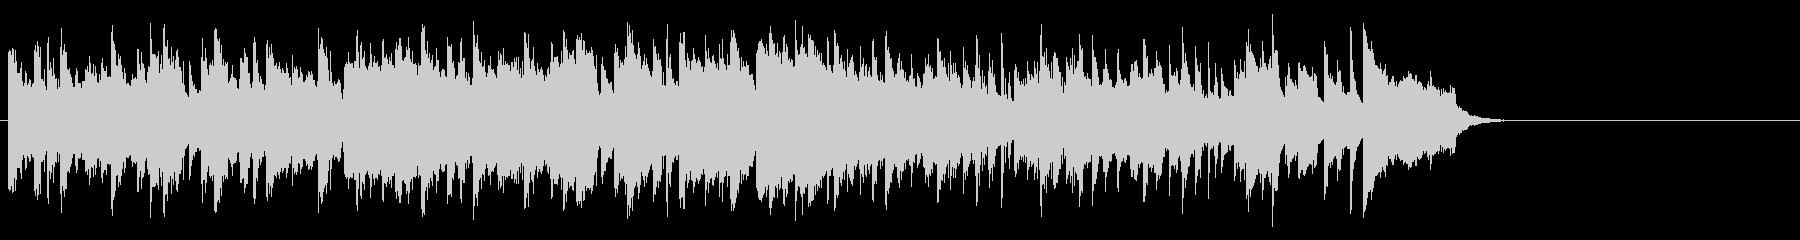 心安まるミディアムポップ(サビ~エンド)の未再生の波形